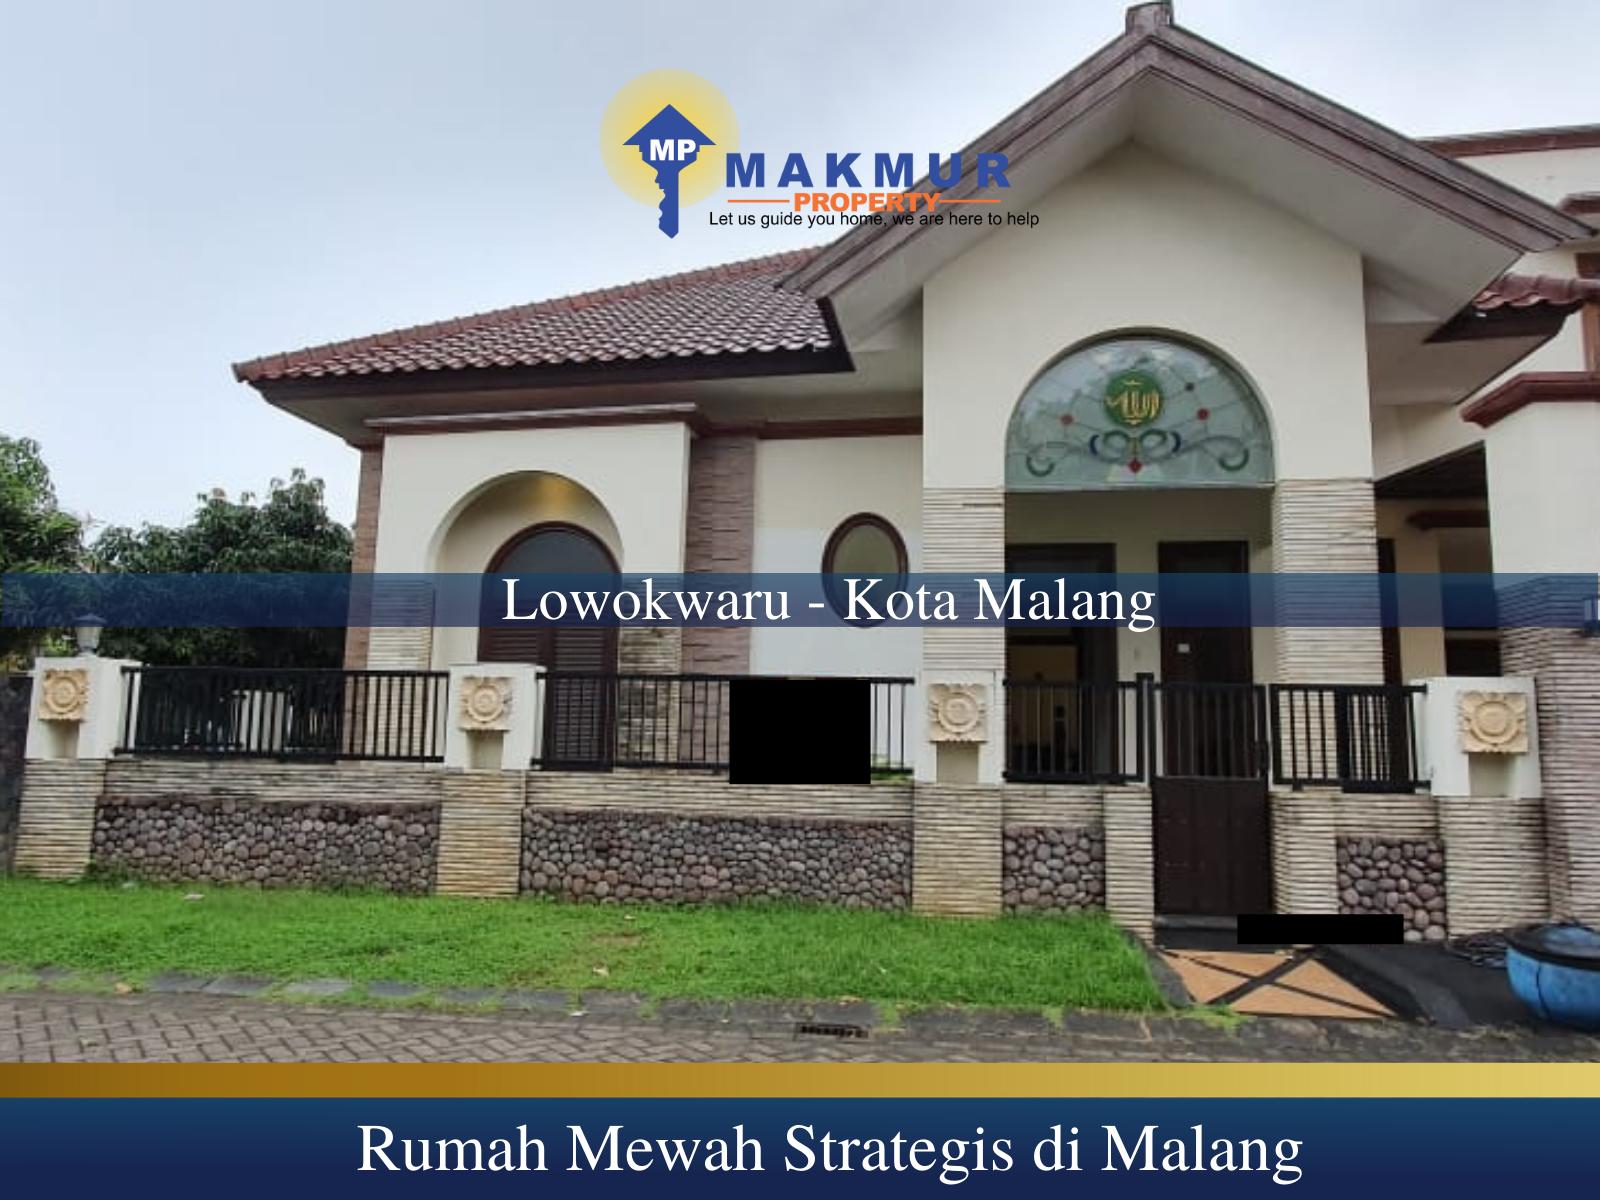 Rumah Mewah di Malang Kota